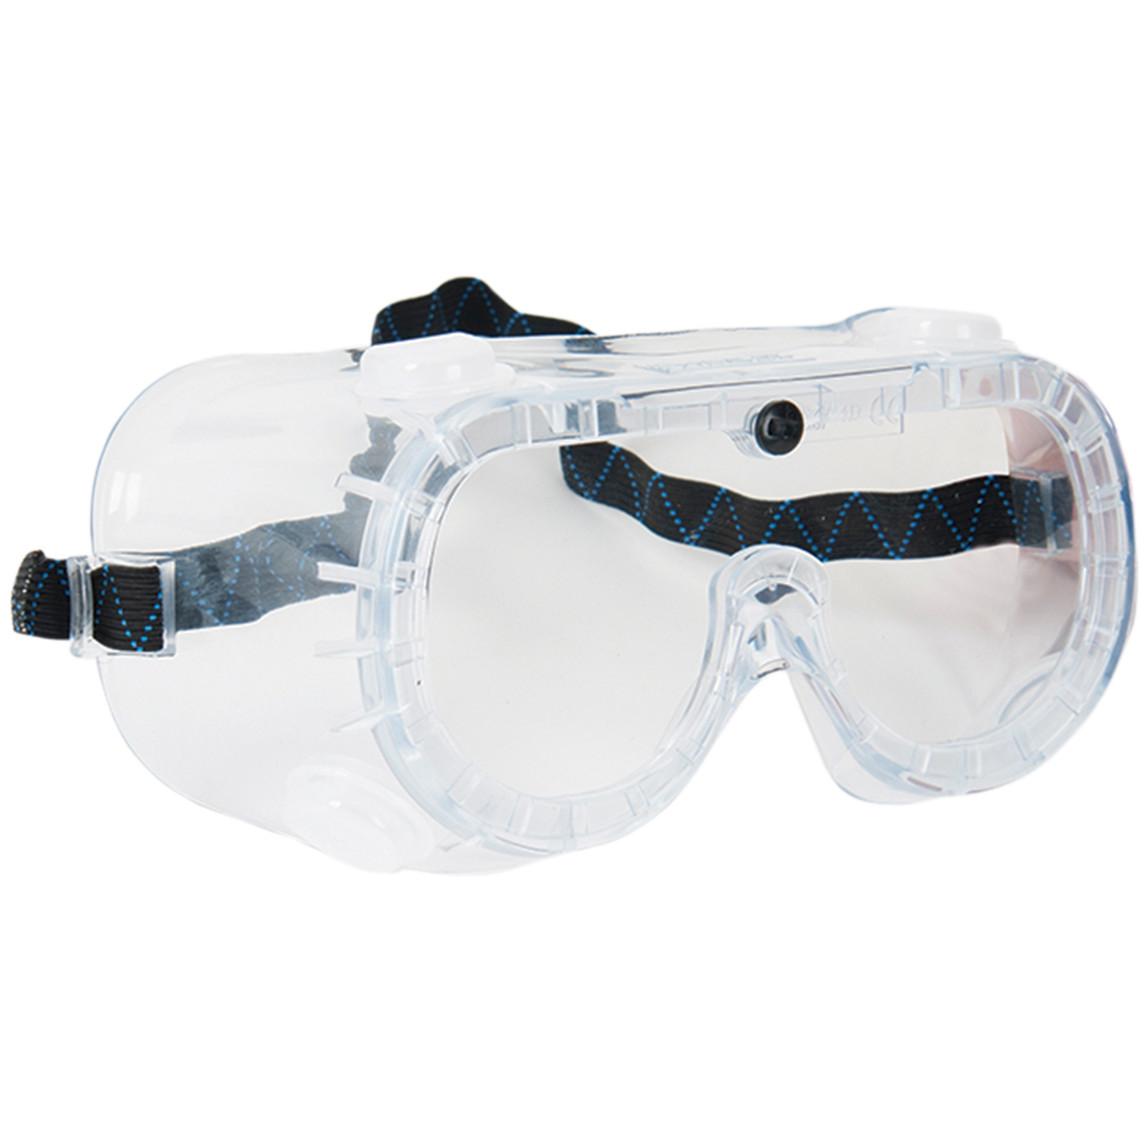 Ar-An Pc Cam Ventilli Gözlük